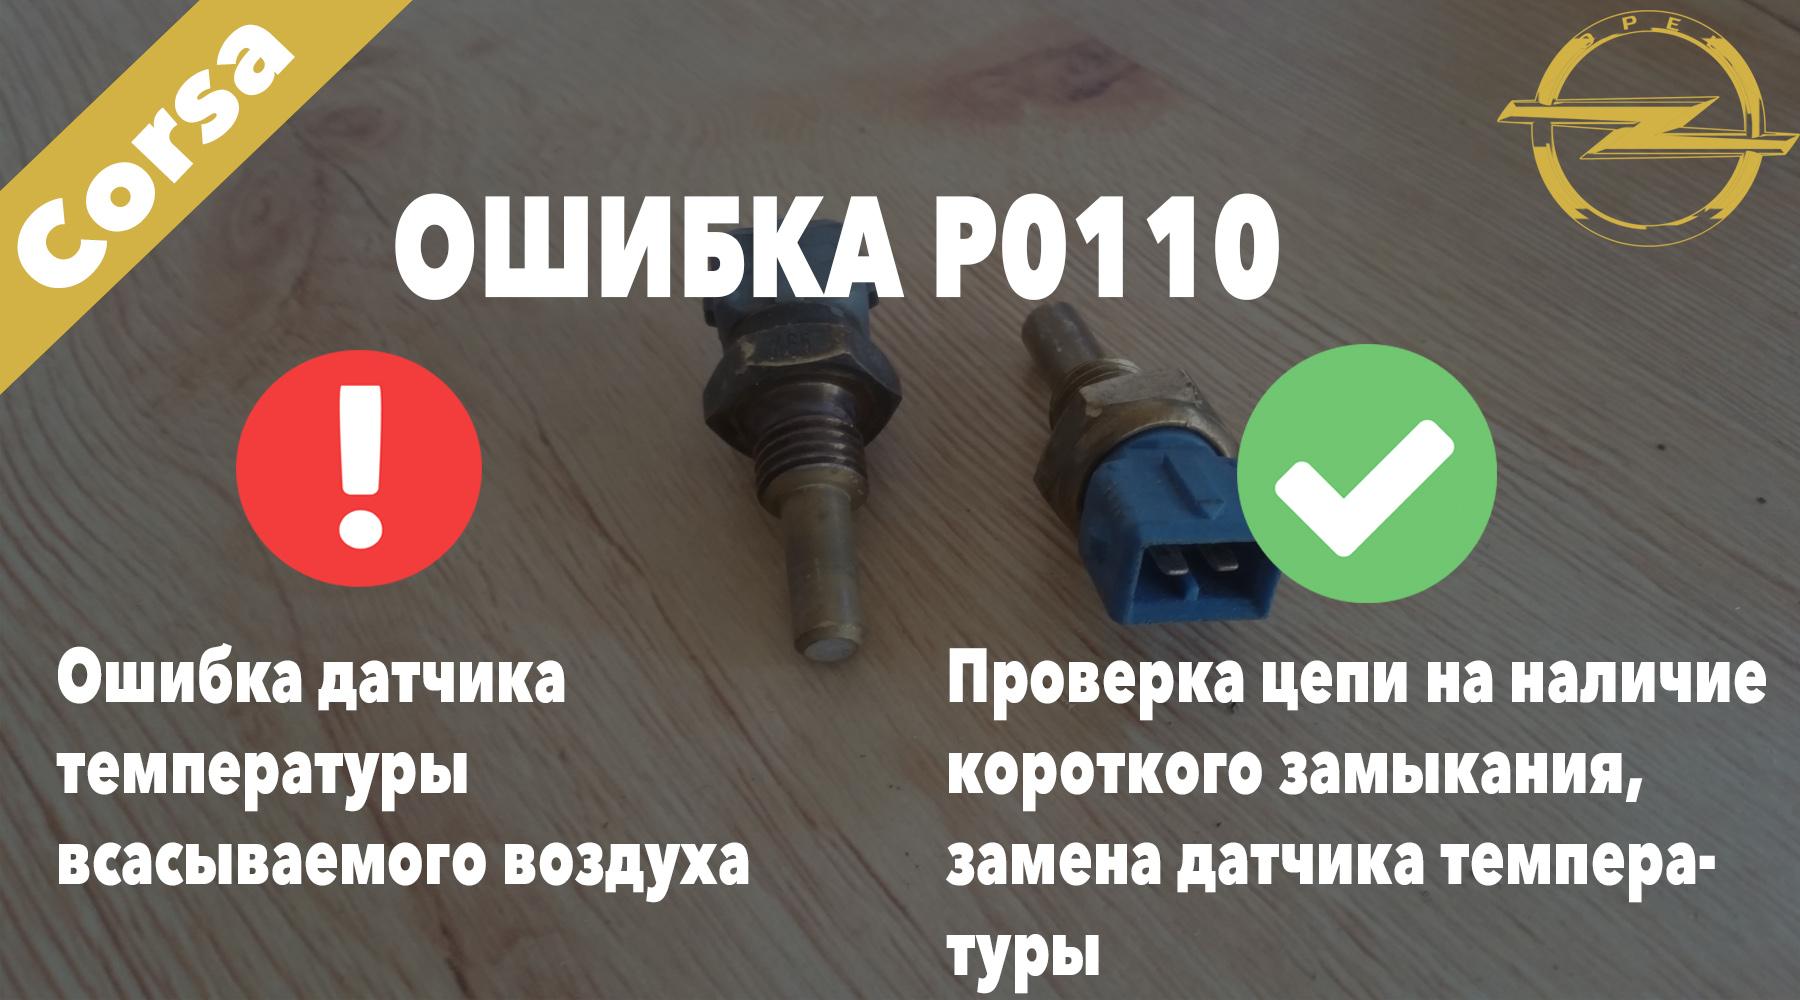 P0110 – ошибка датчика температуры всасываемого воздуха